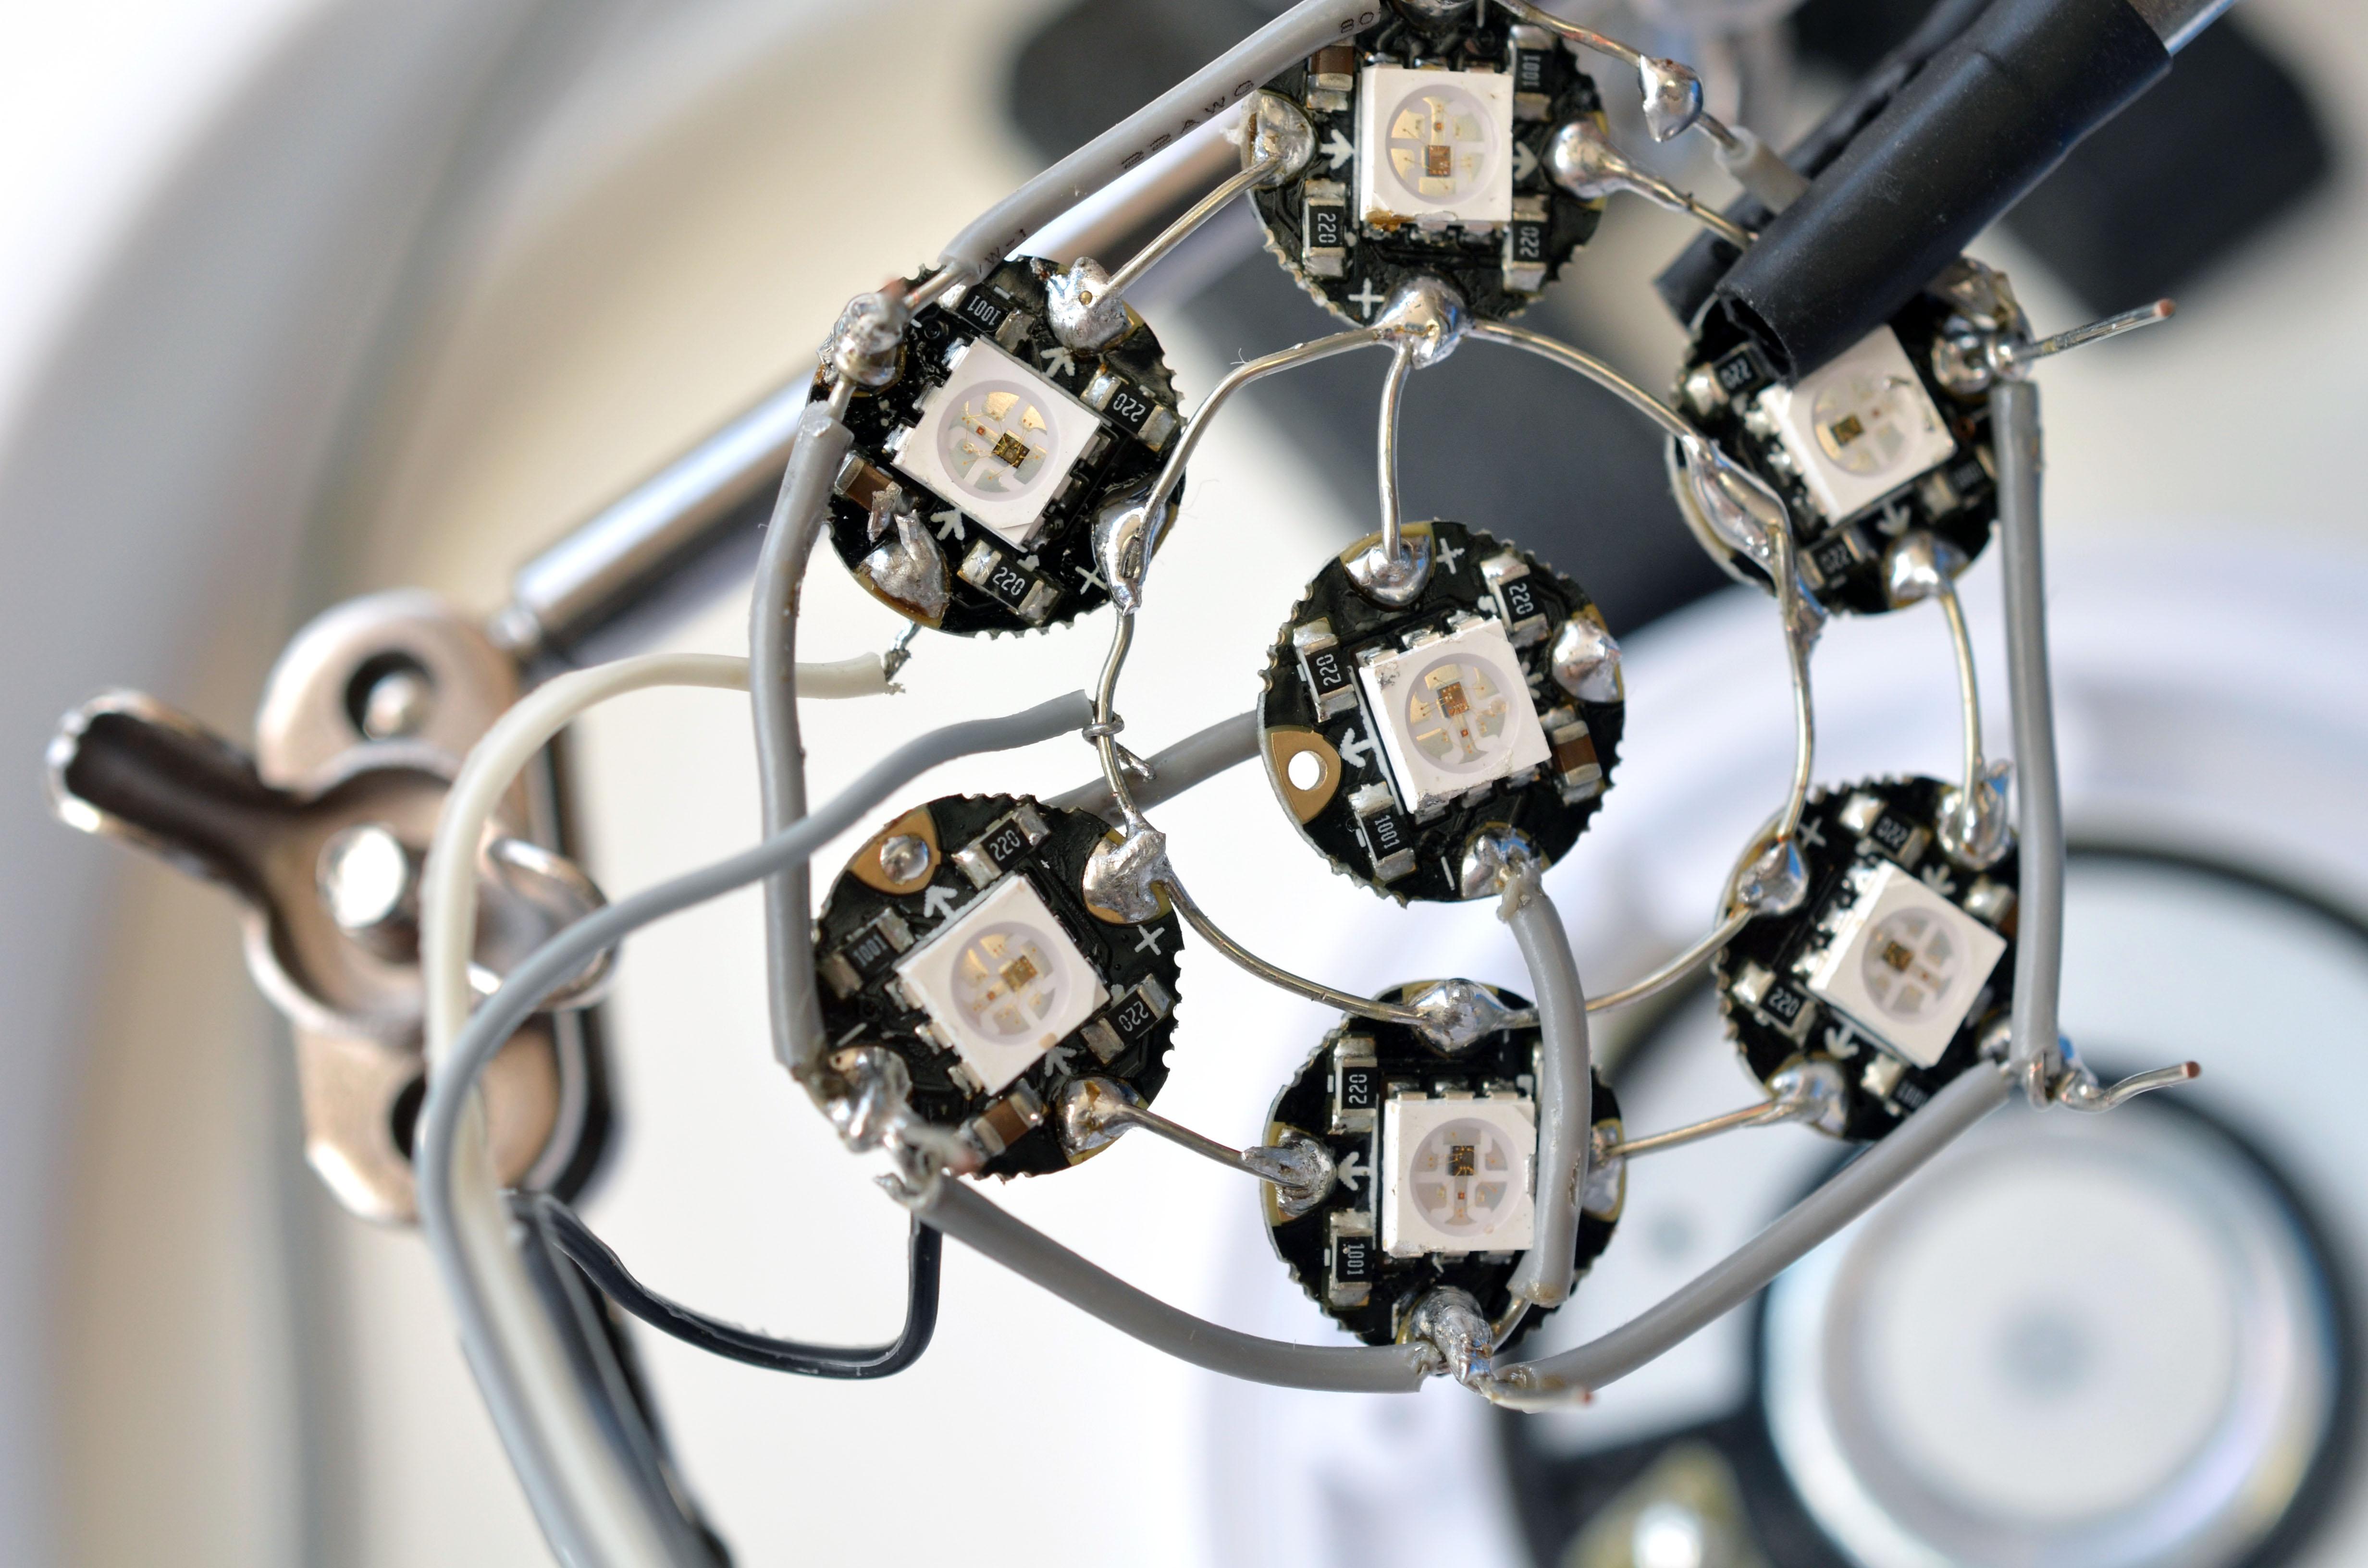 flora_glowing-skullcandy-headphones-adafruit-12.jpg